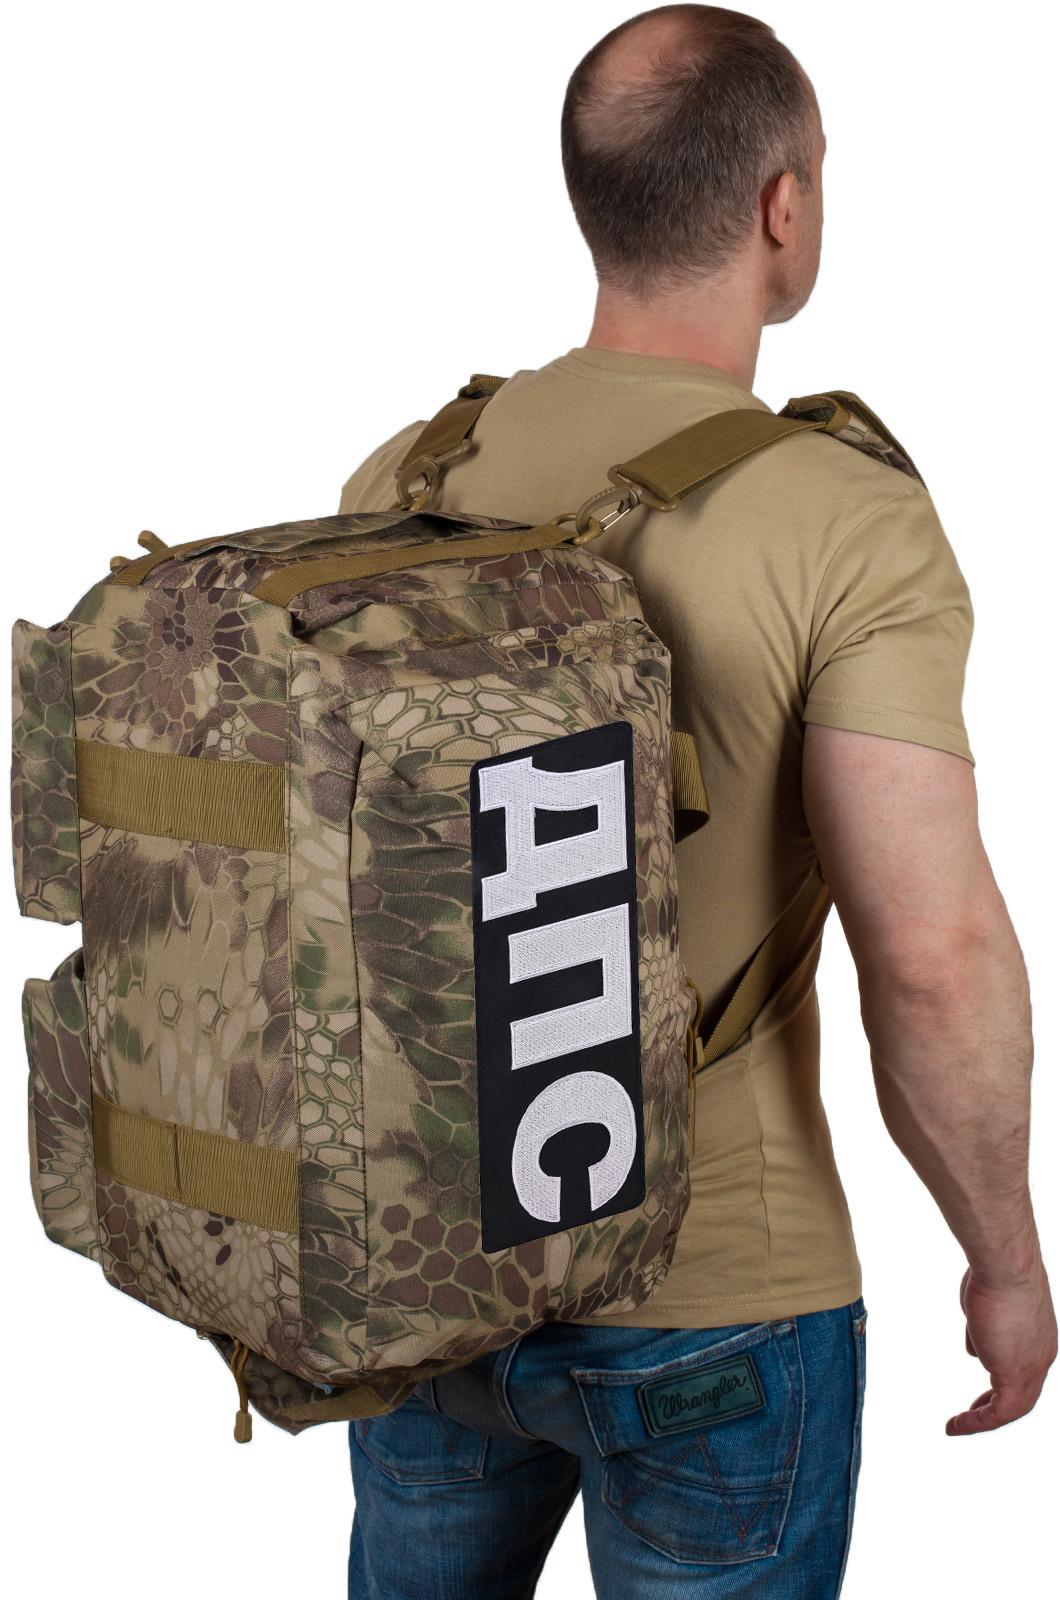 Купить камуфляжную сумку для походов ДПС  по лучшей цене онлайн